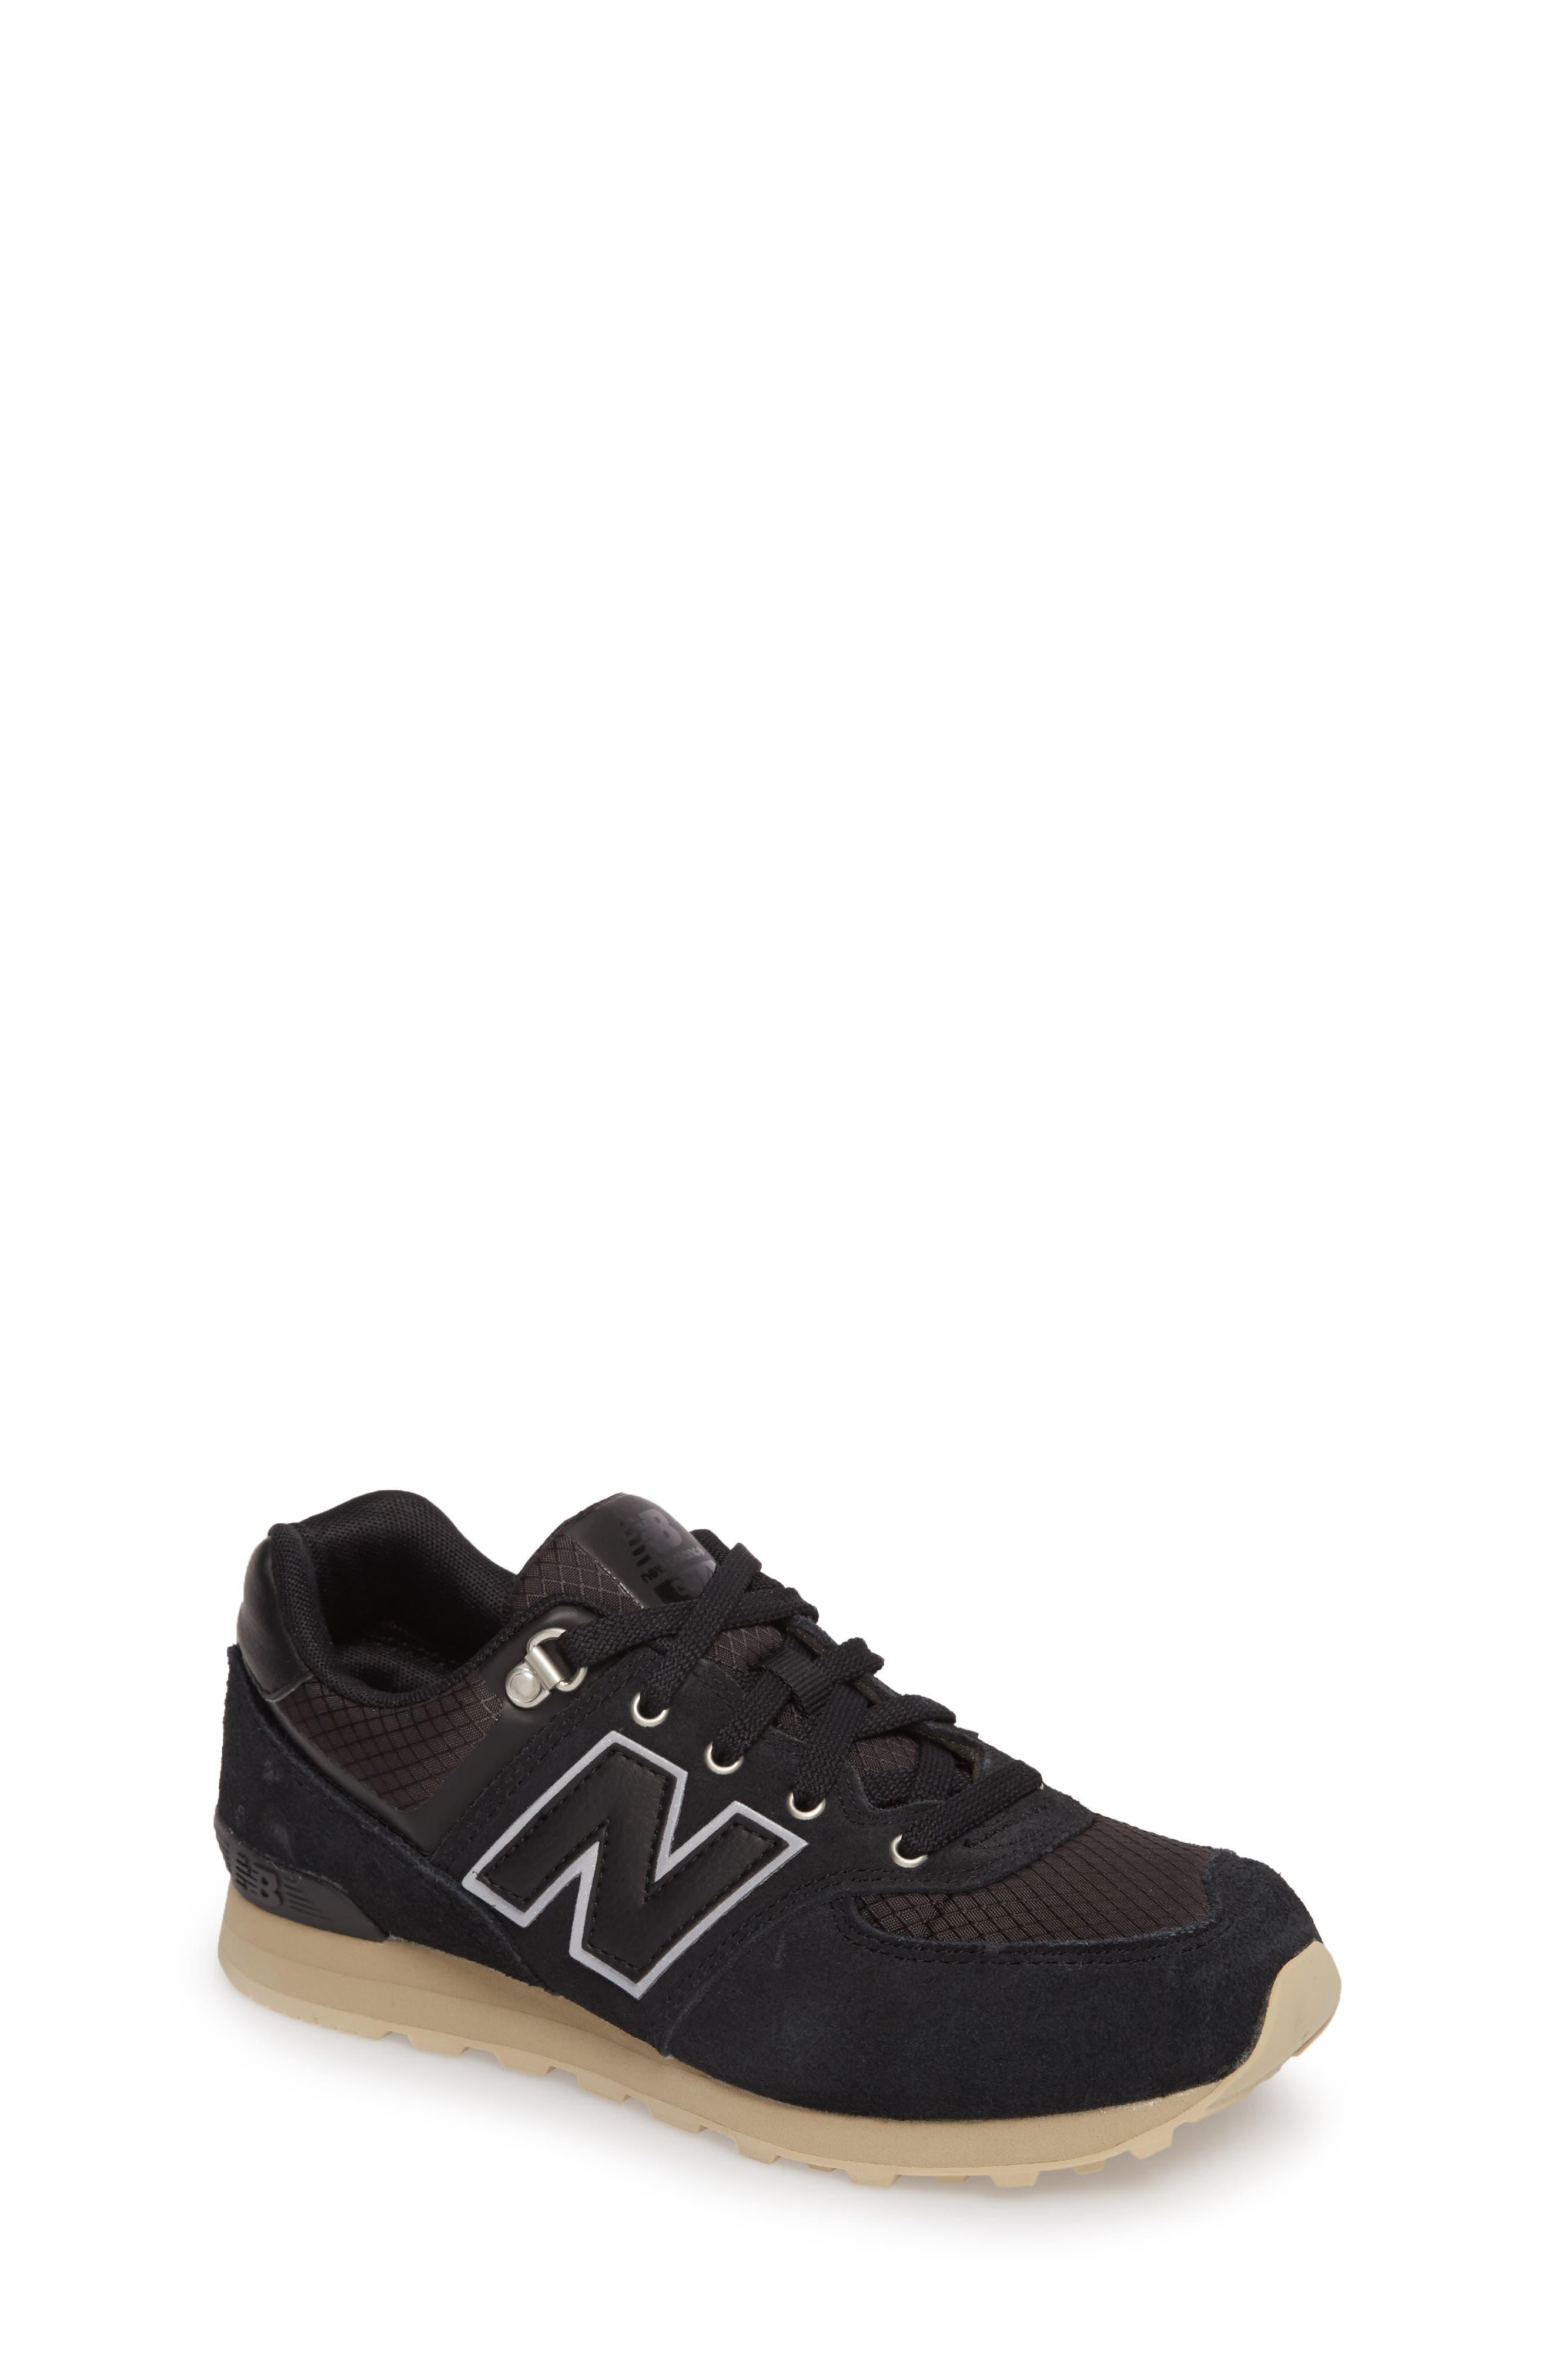 574 Sneaker,                         Main,                         color, 001